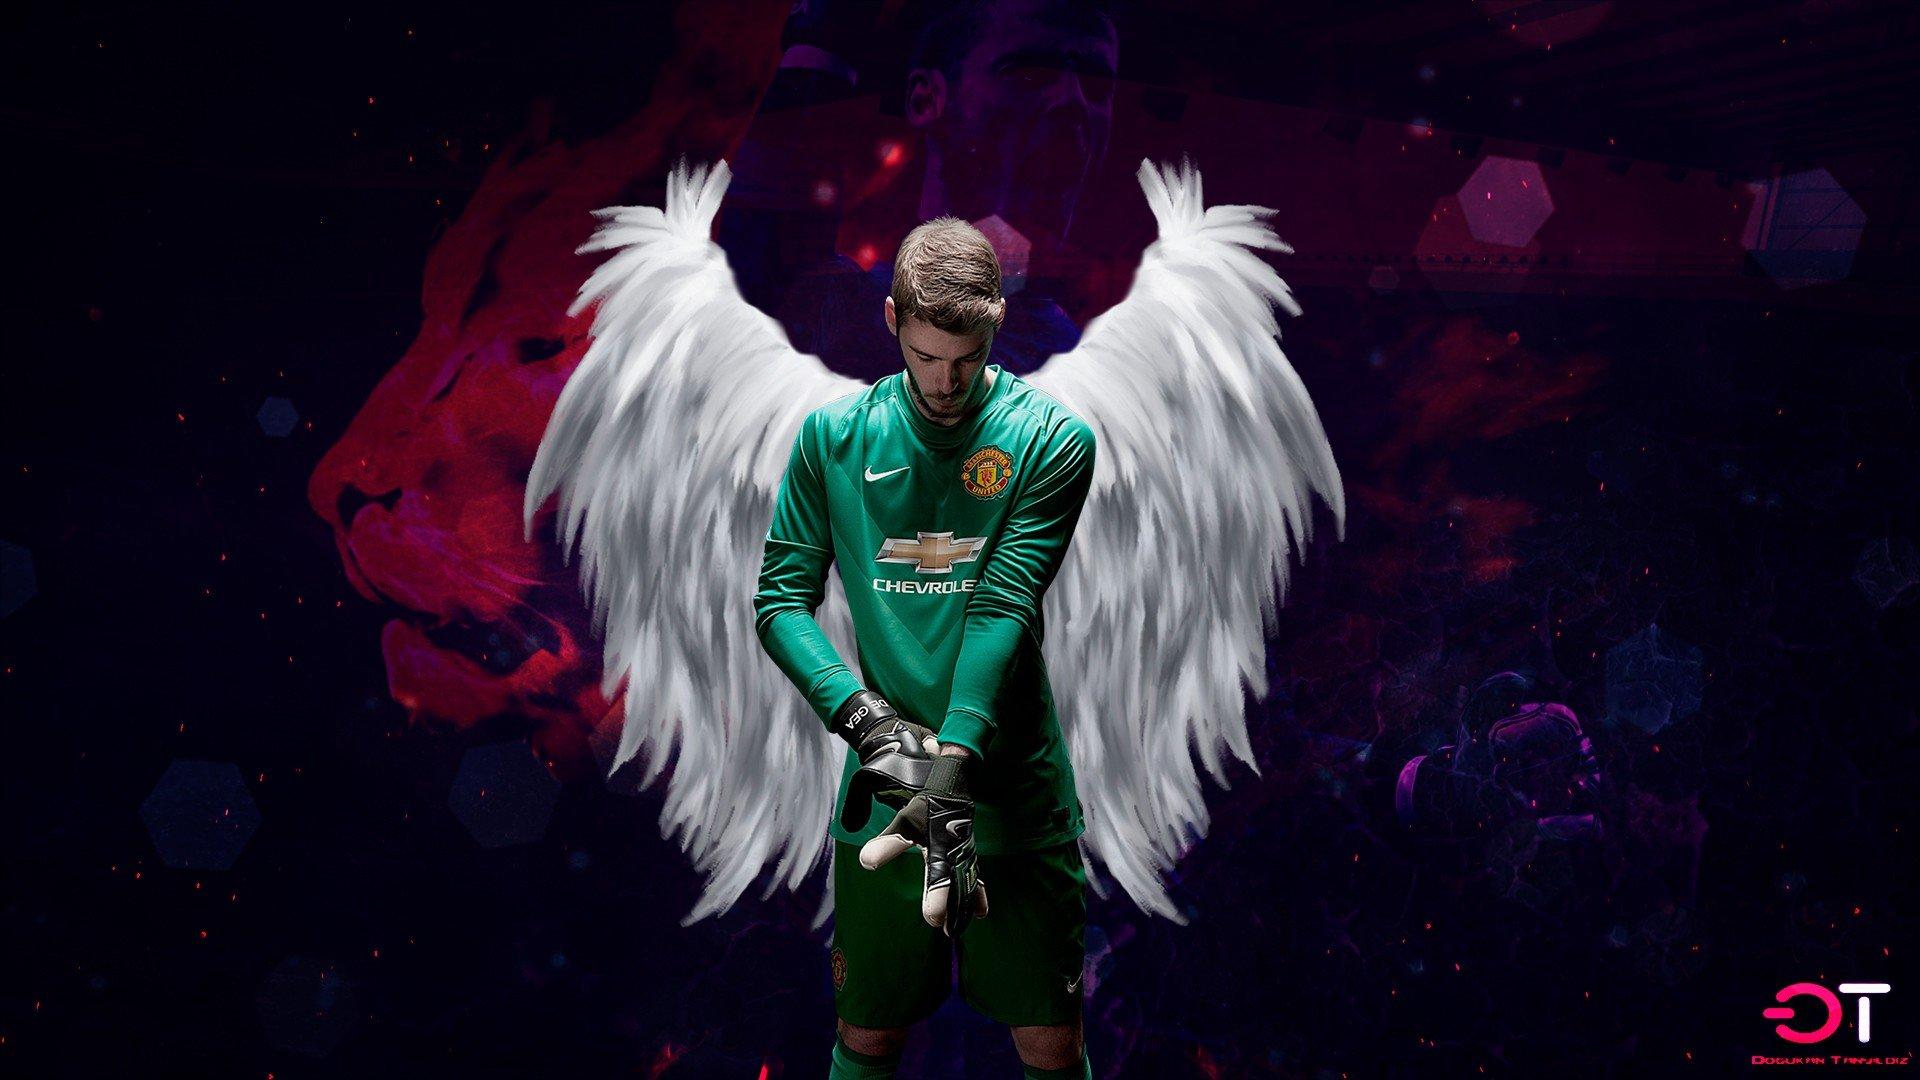 V2, David De Gea, Manchester United HD Wallpapers